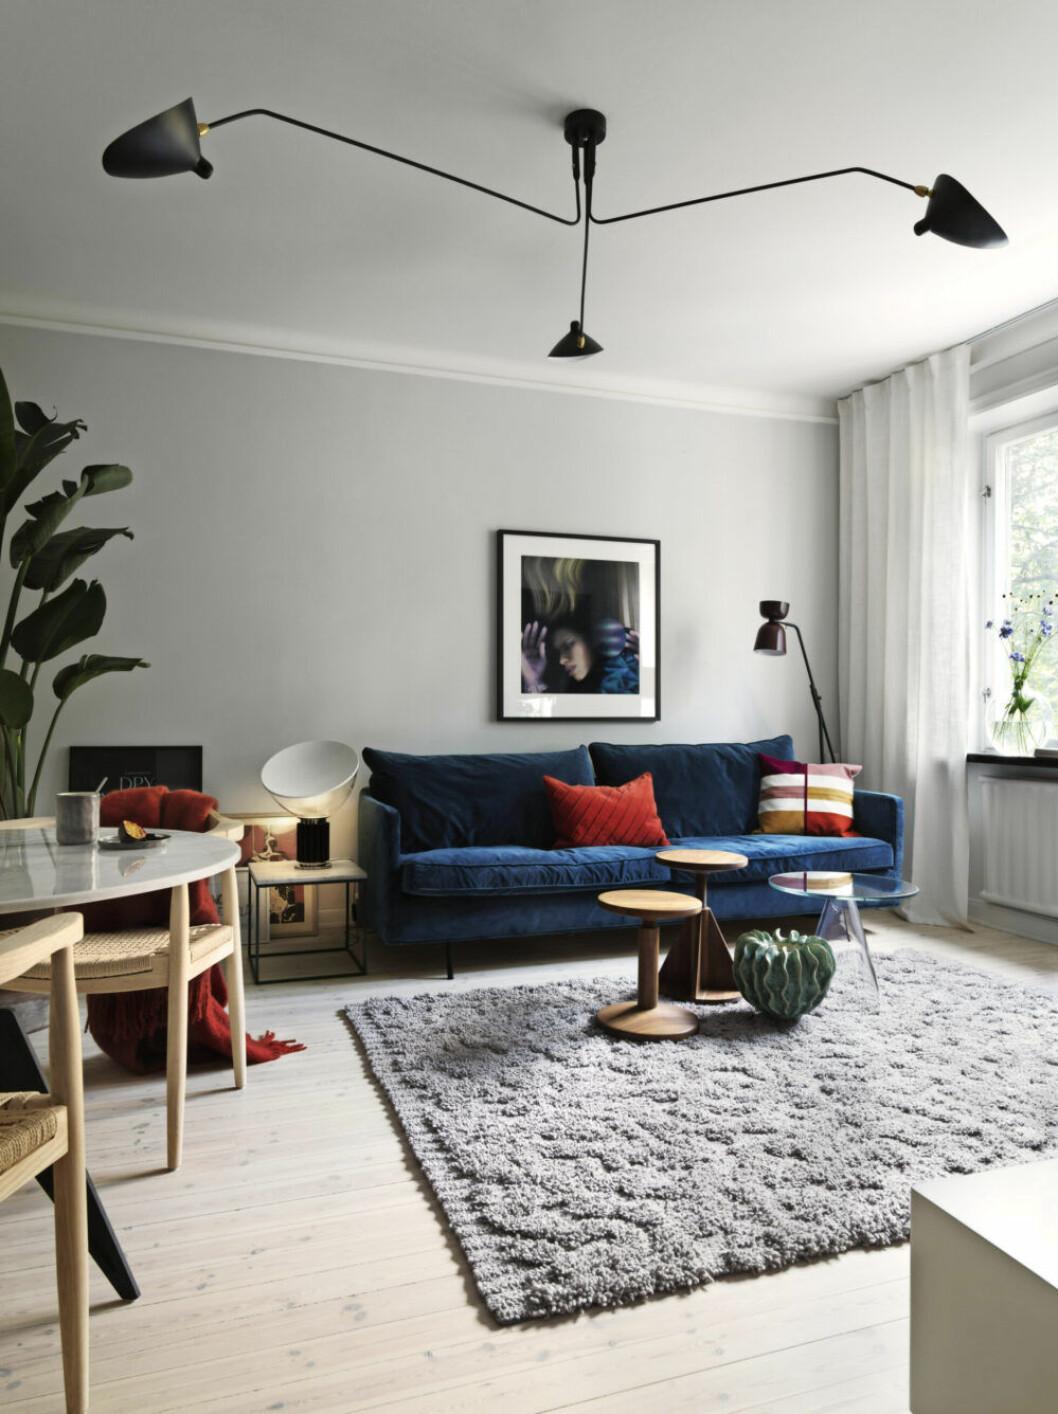 Mörkblå soffa, stora växter och stor matta i vardagsrummet